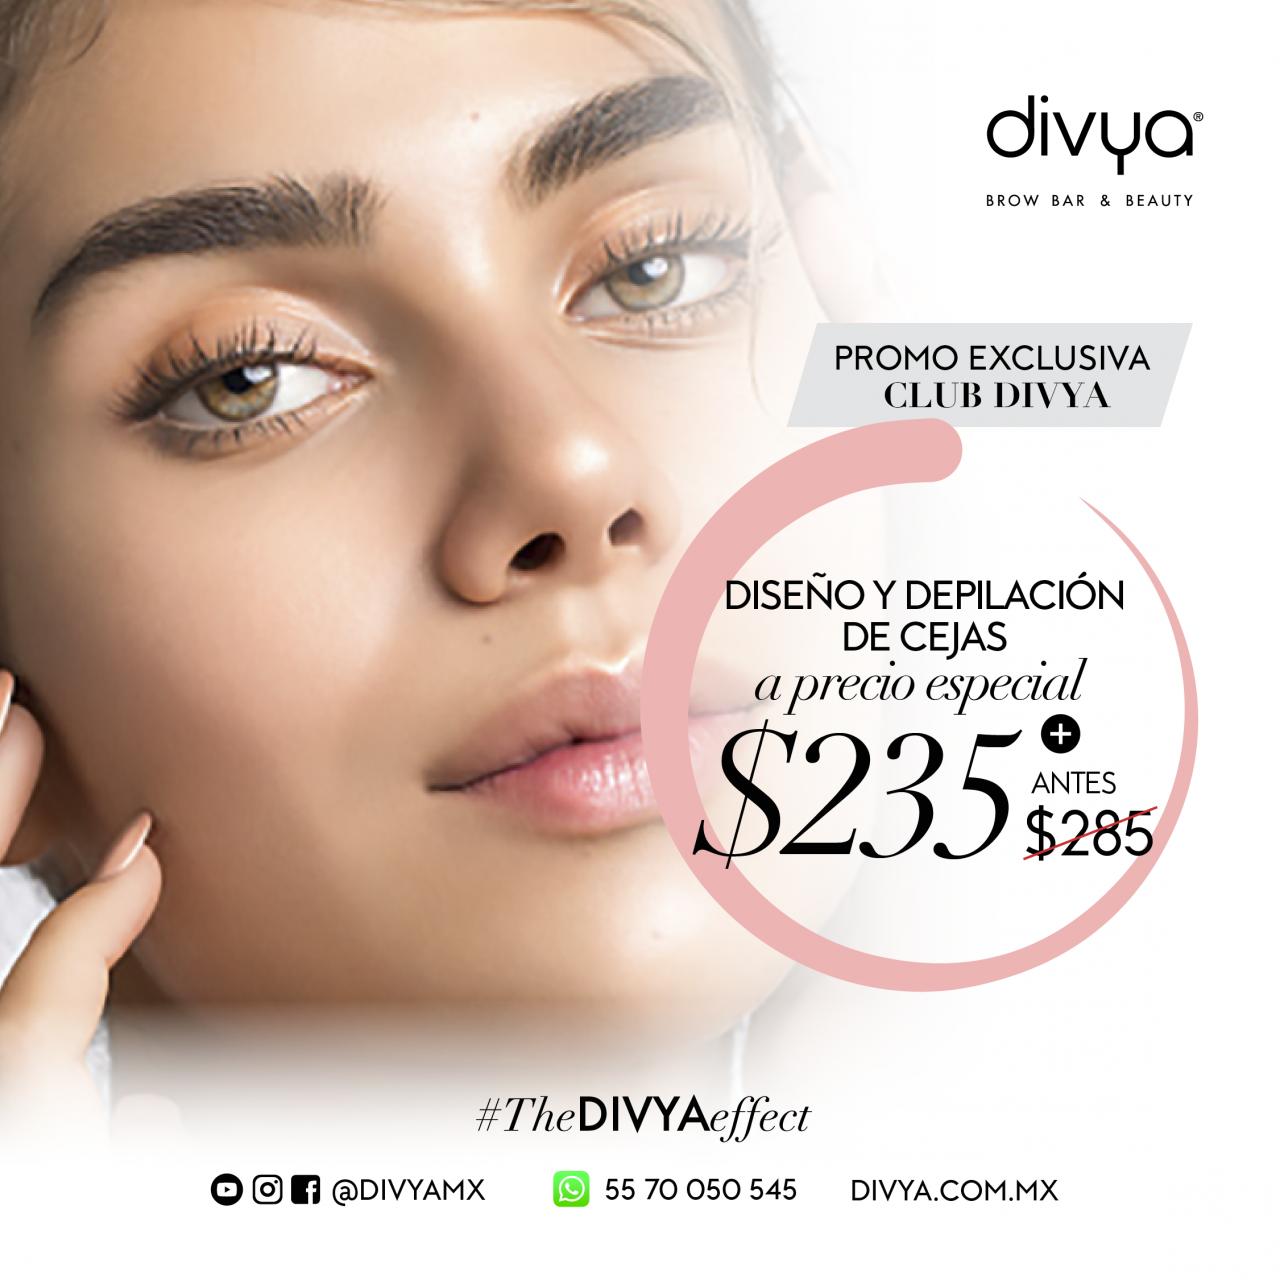 Diseño y Depilación de Cejas a precio de retoque – Exclusivo Club Divya - PT&w=900&h=900&fit=crop